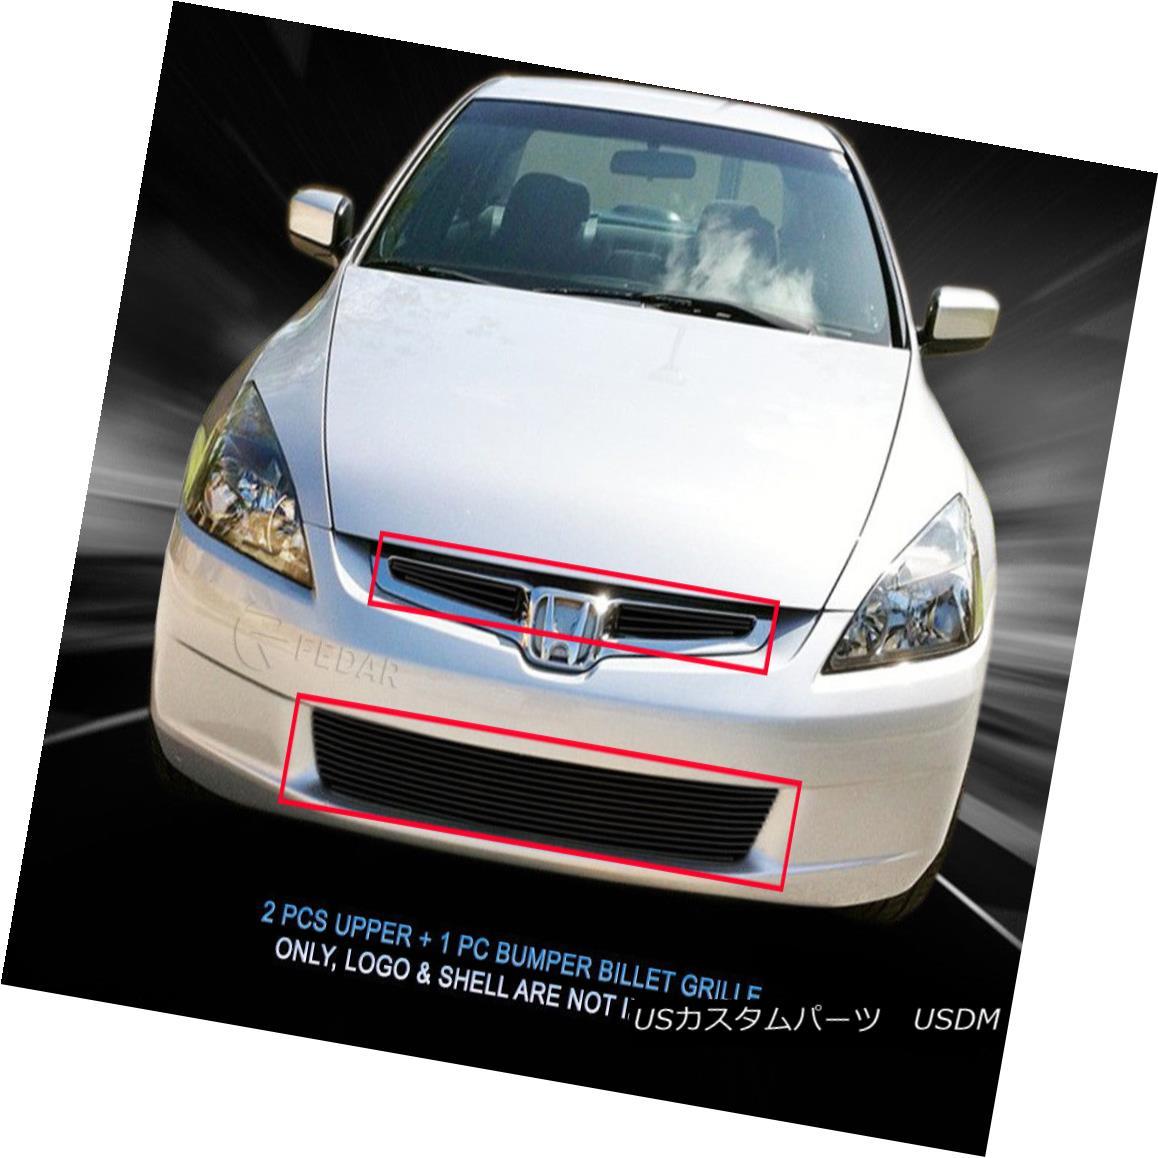 グリル Fits 2003 04 05 Honda Accord LX/EX Sedan Black Billet Grille Combo Insert Fedar フィット2003年04 05ホンダアコードLX / EXセダンブラックビレットグリルコンボインサートFedar